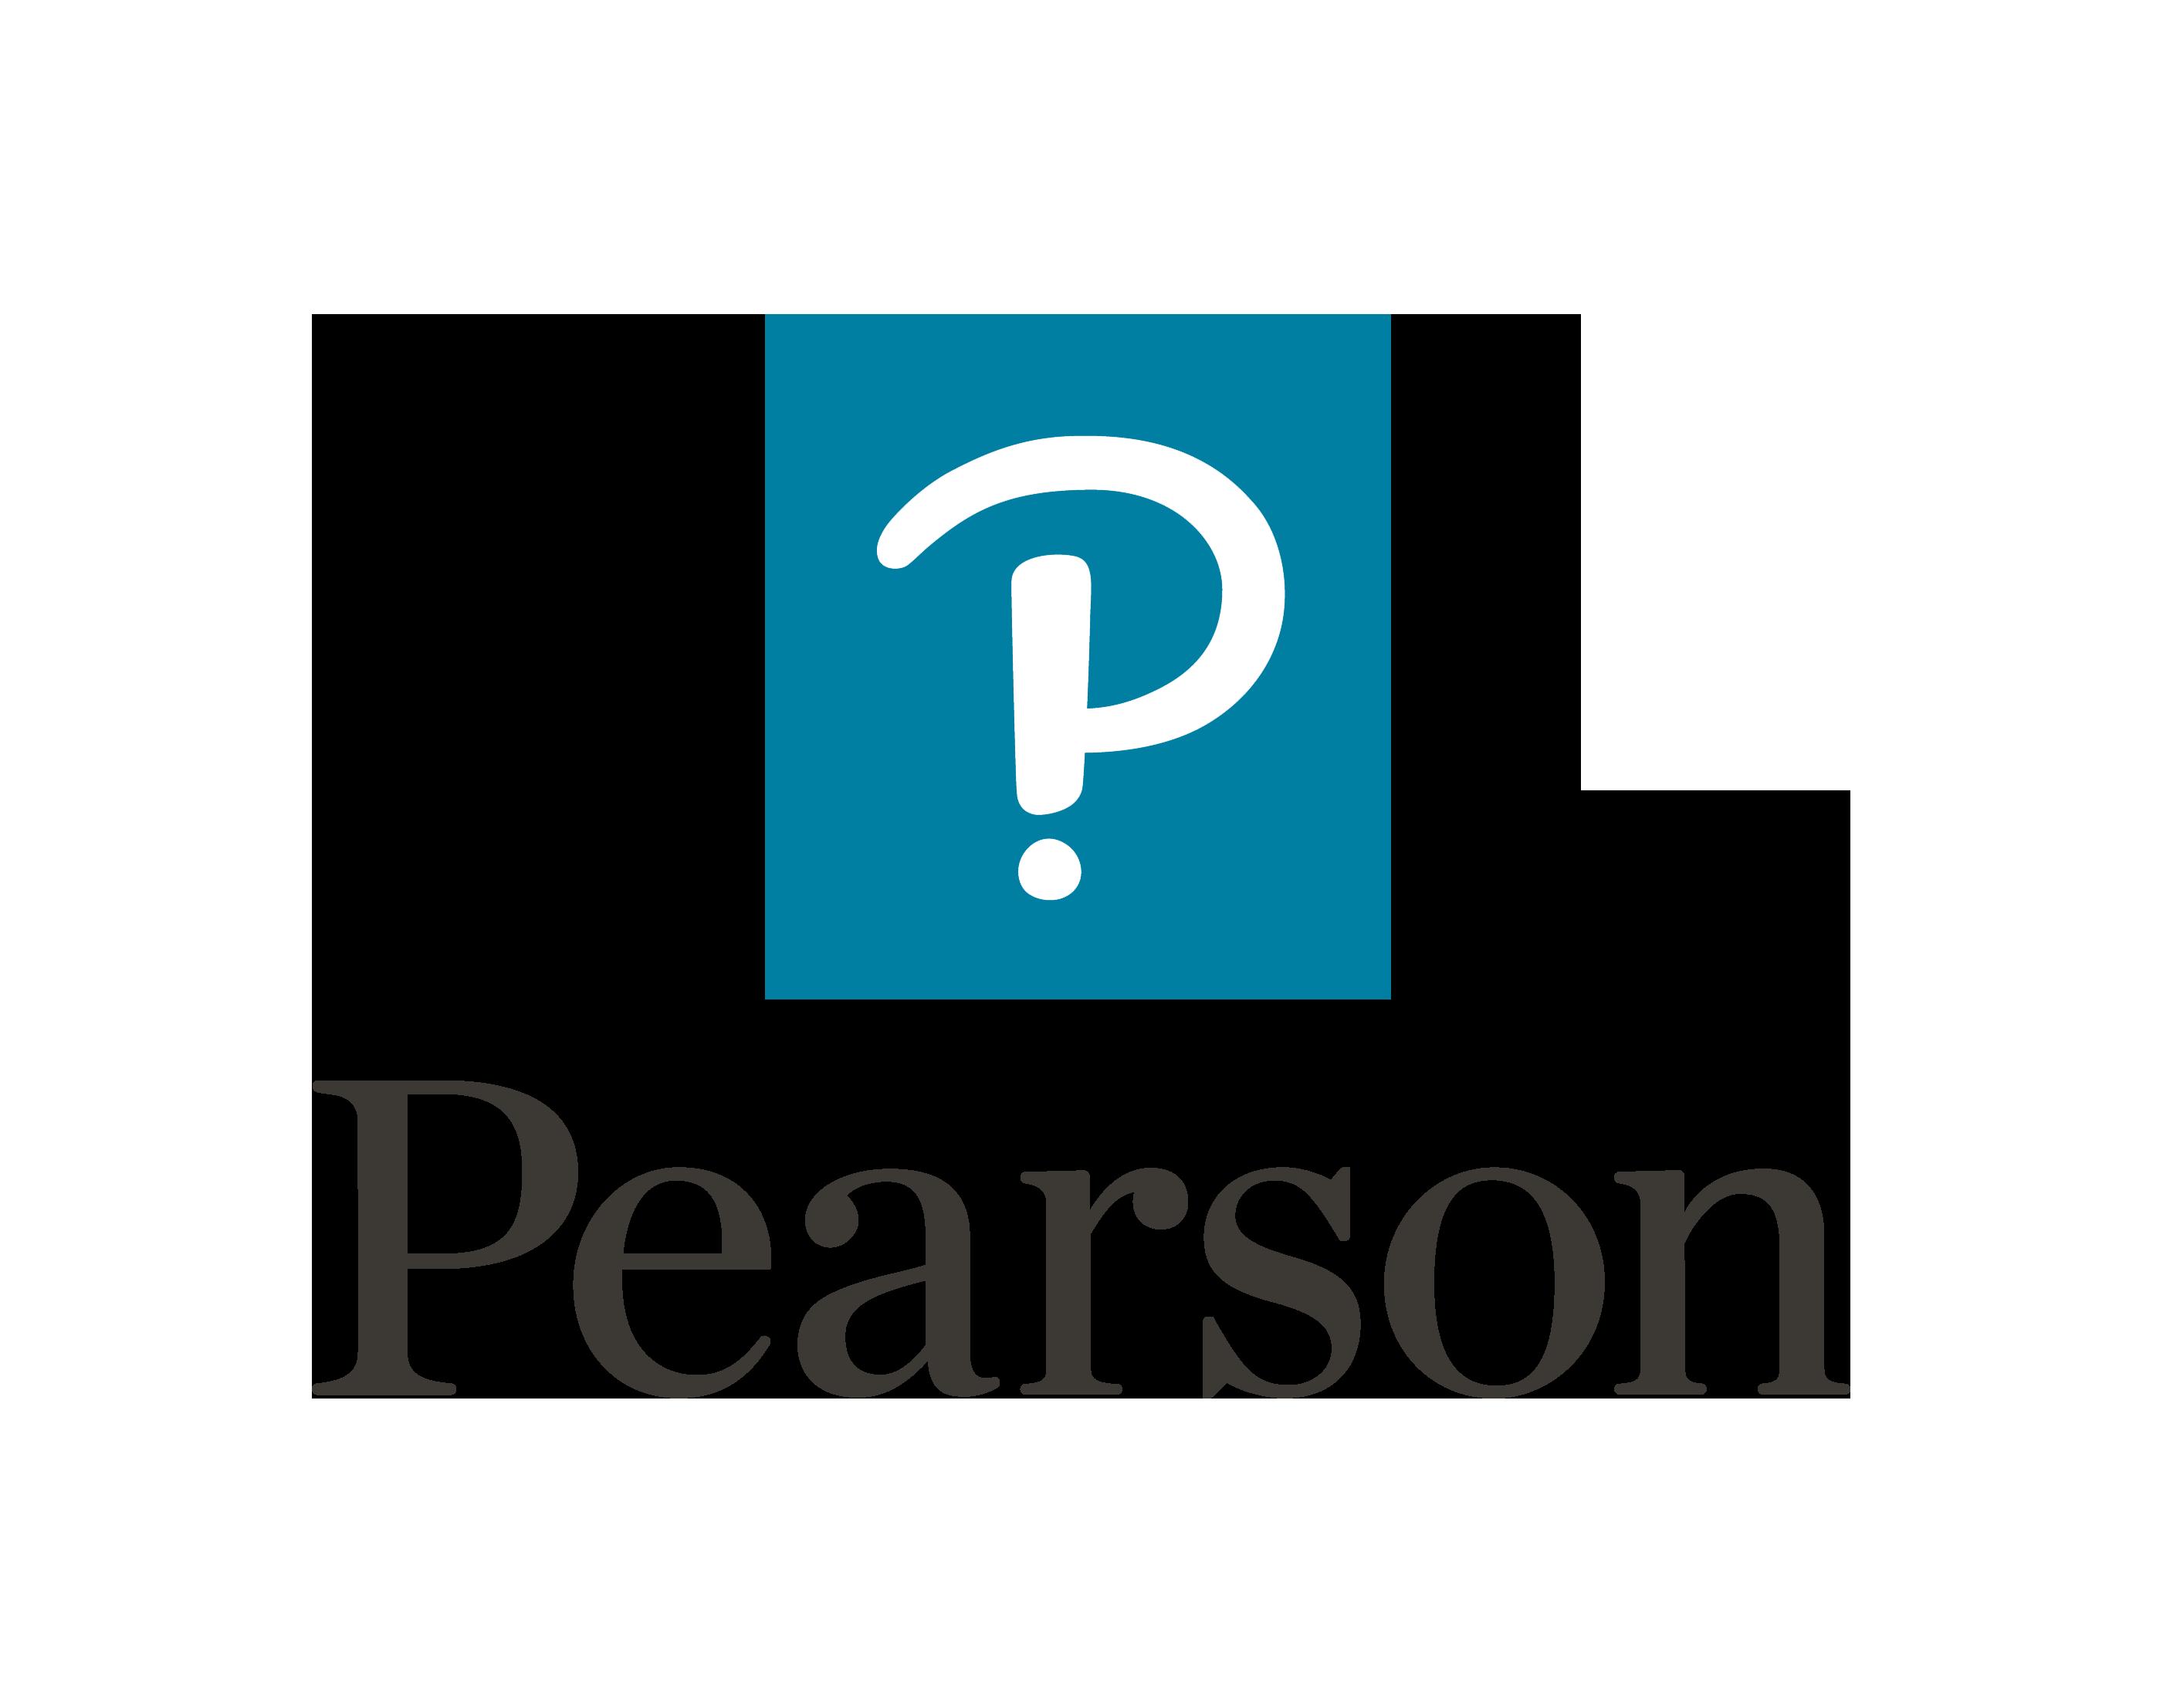 The Pearson logo.